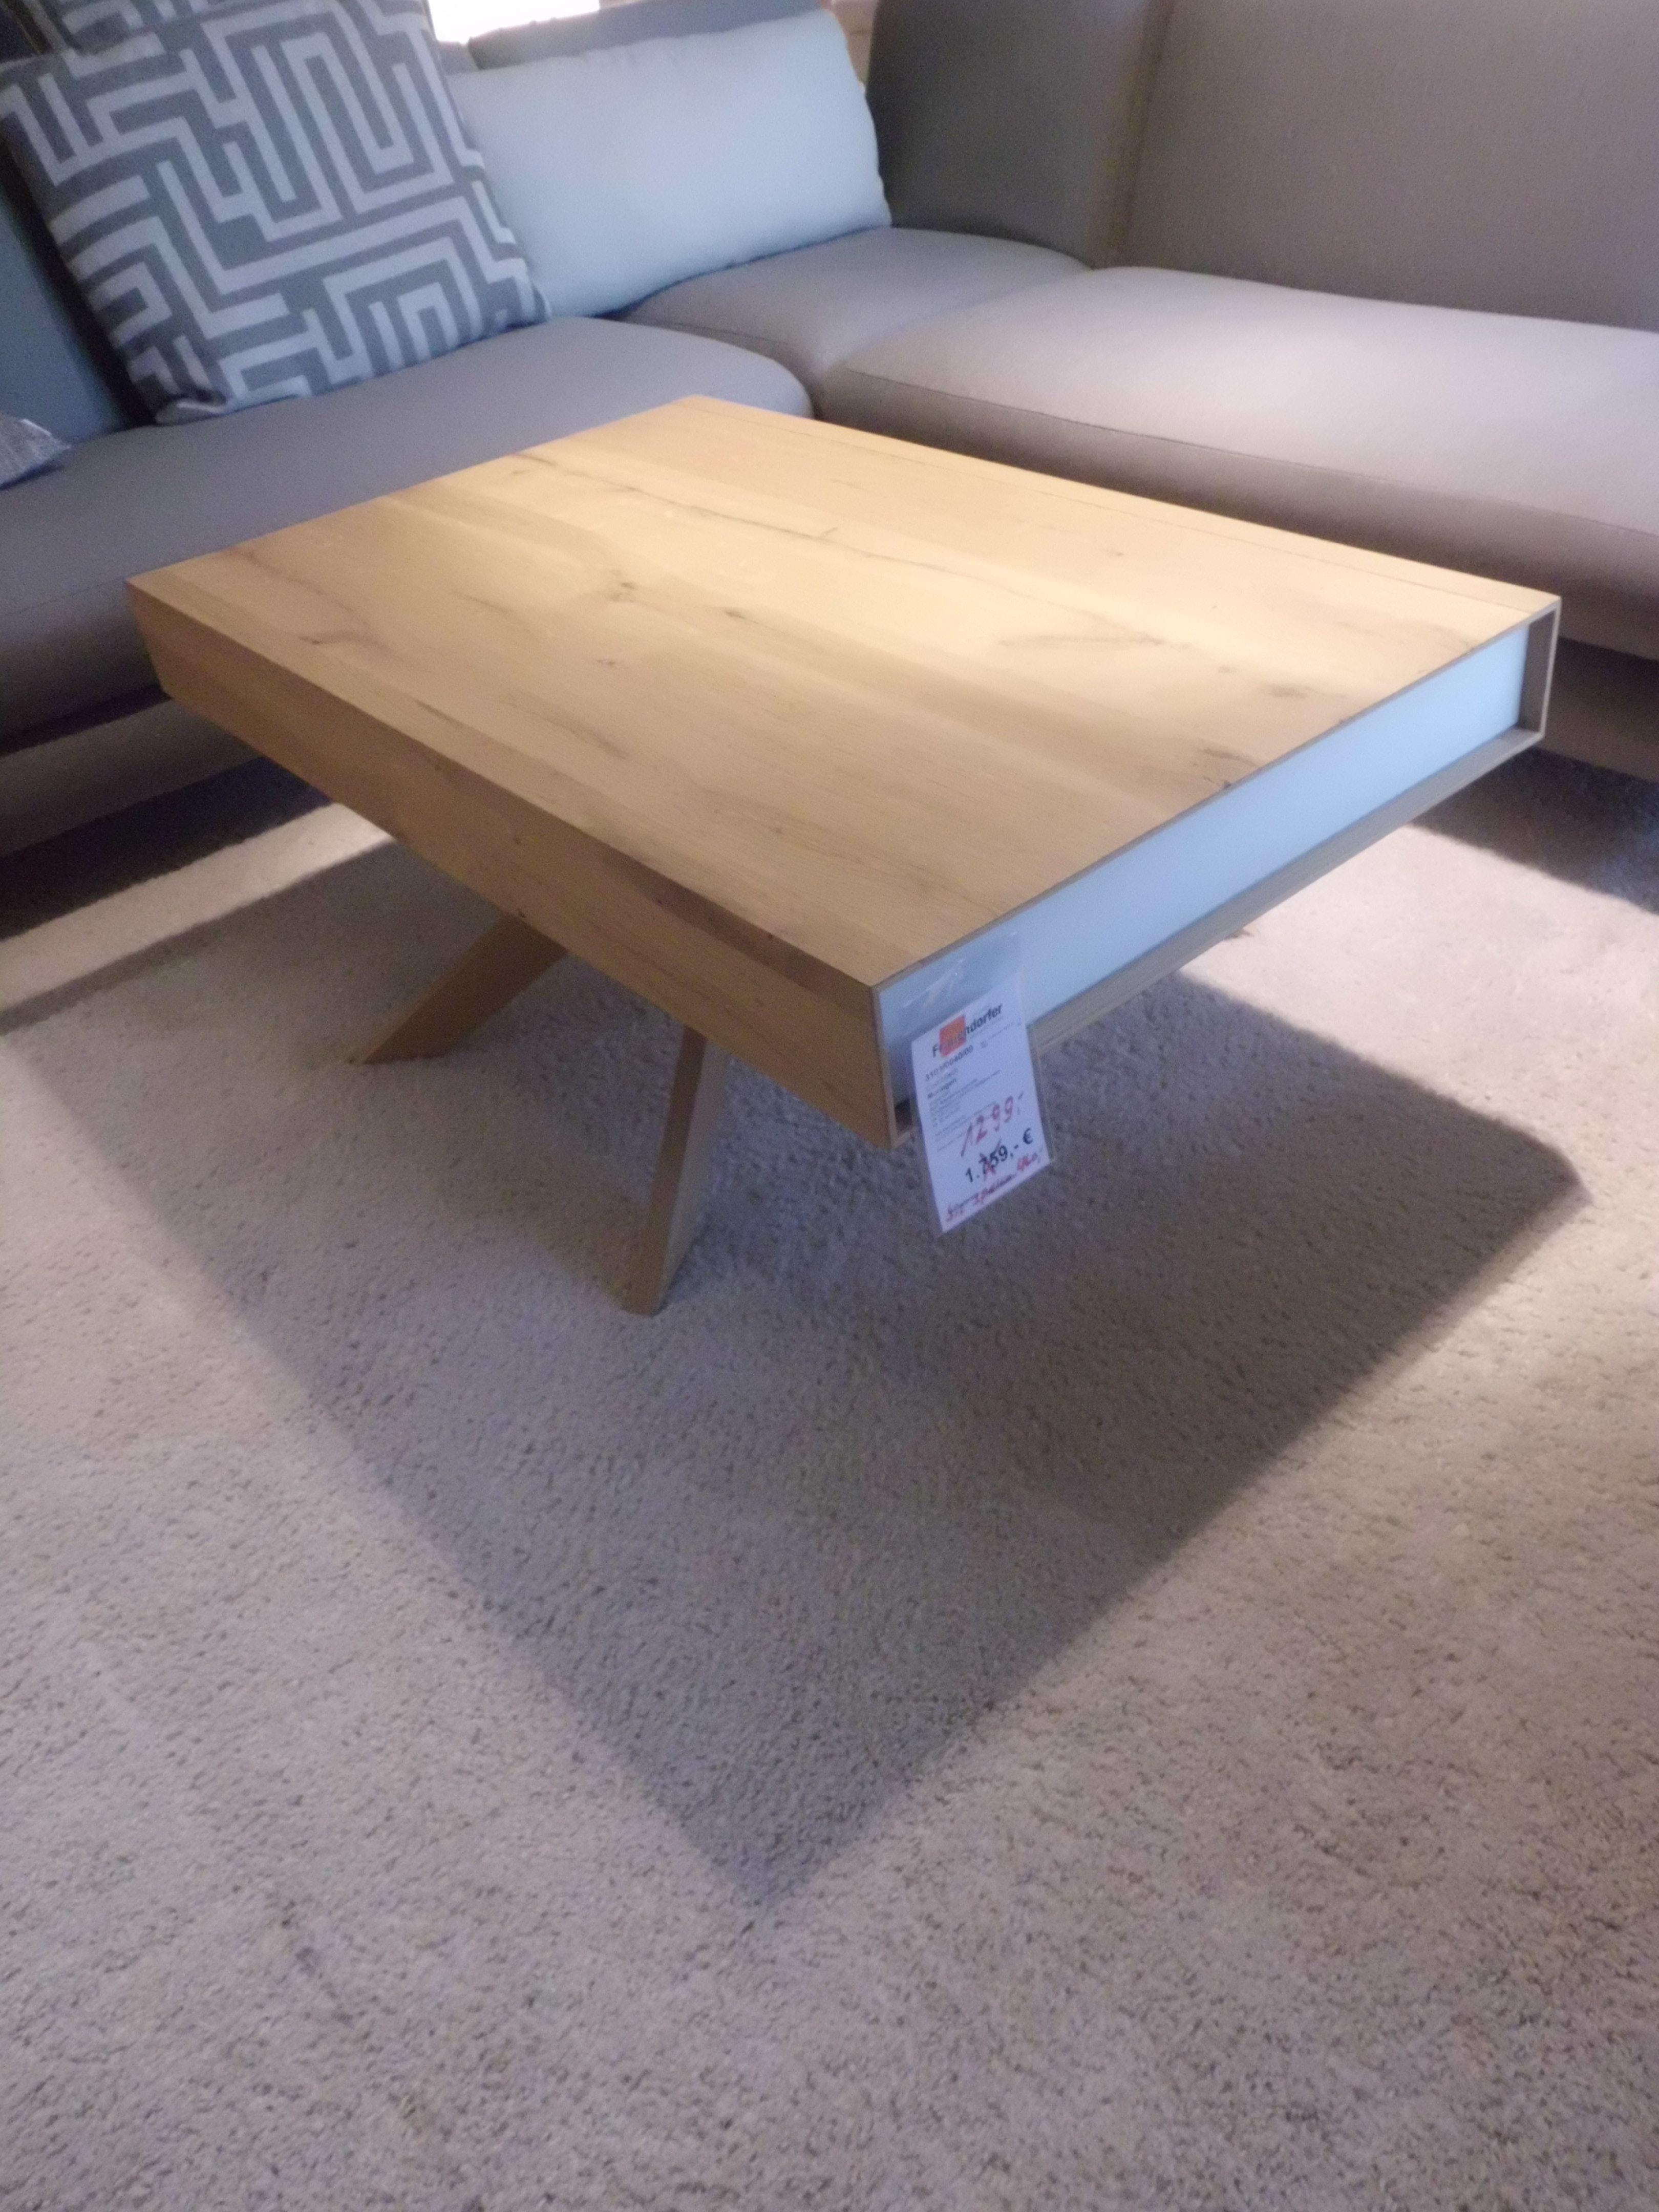 Wohnzimmer reduziert im Abverkauf bei Möbel Frauendorfer